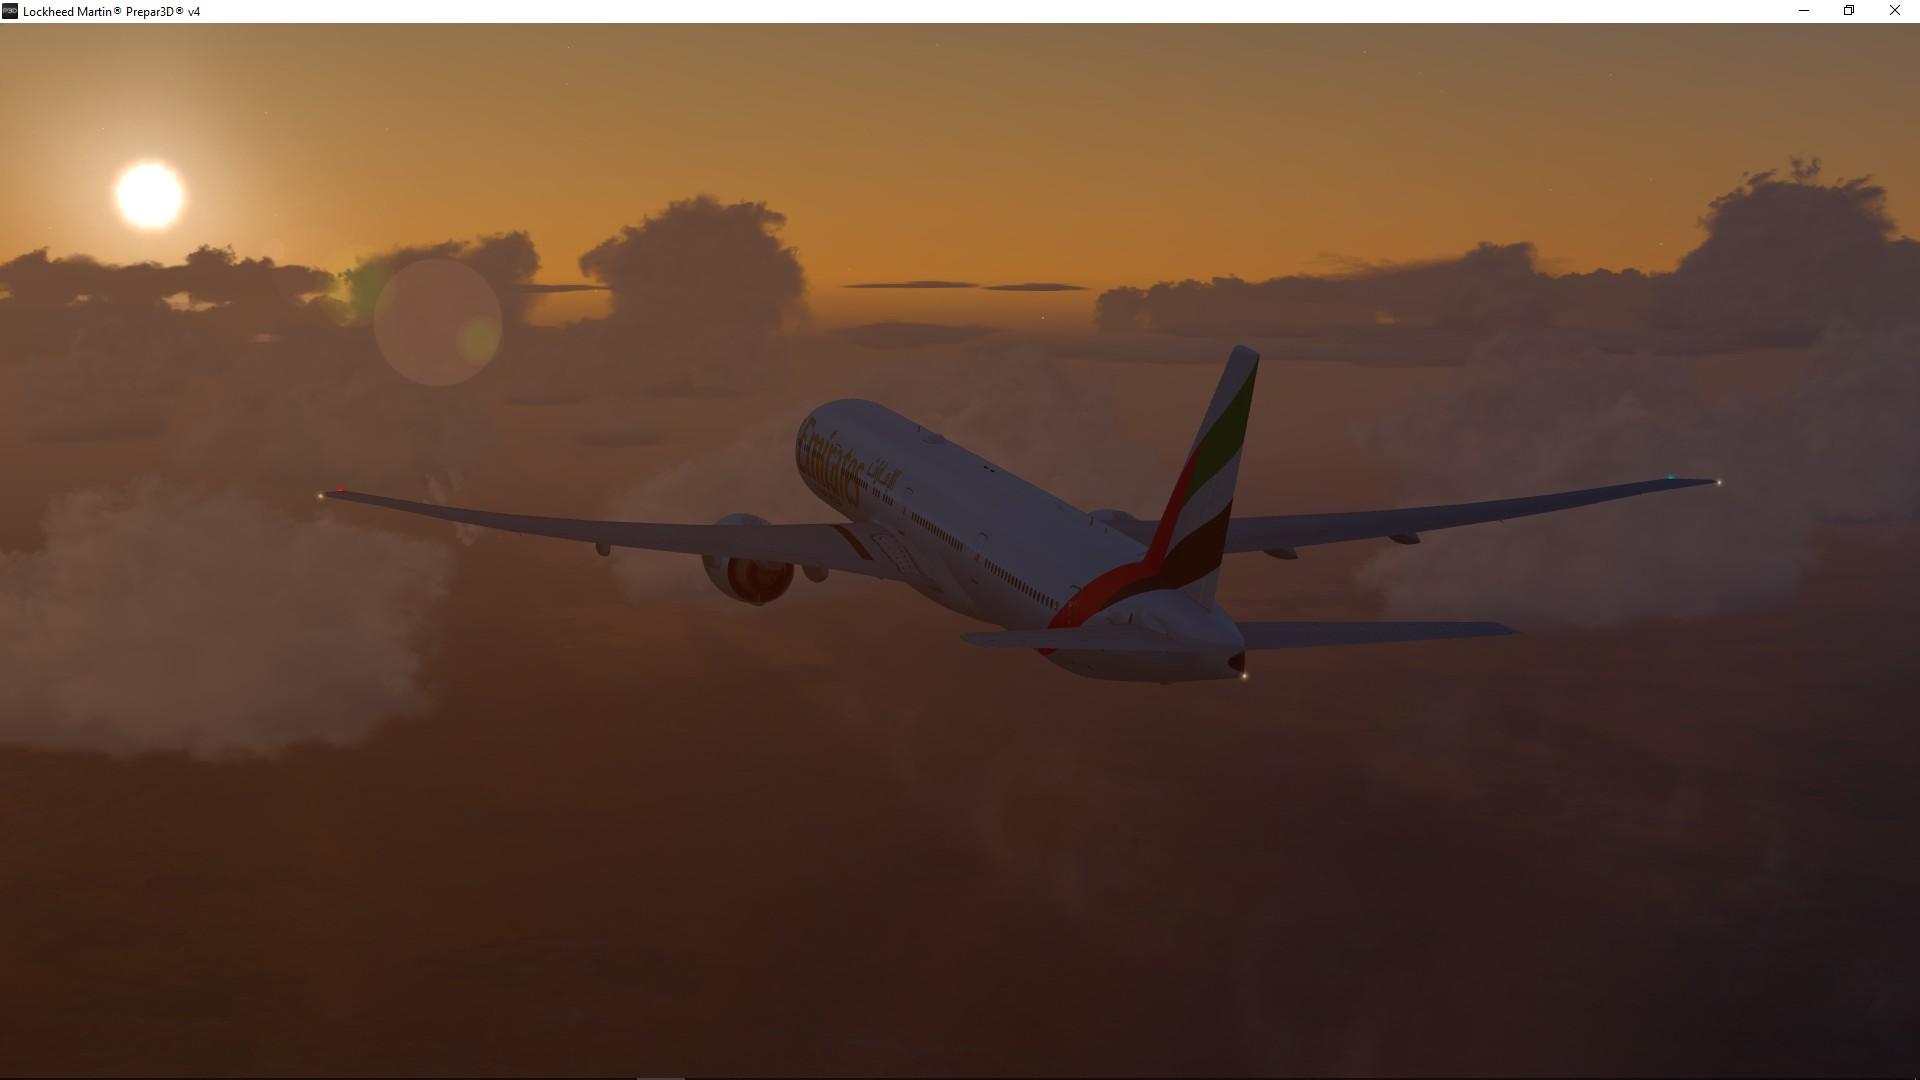 UAE 417 over Australia Desert